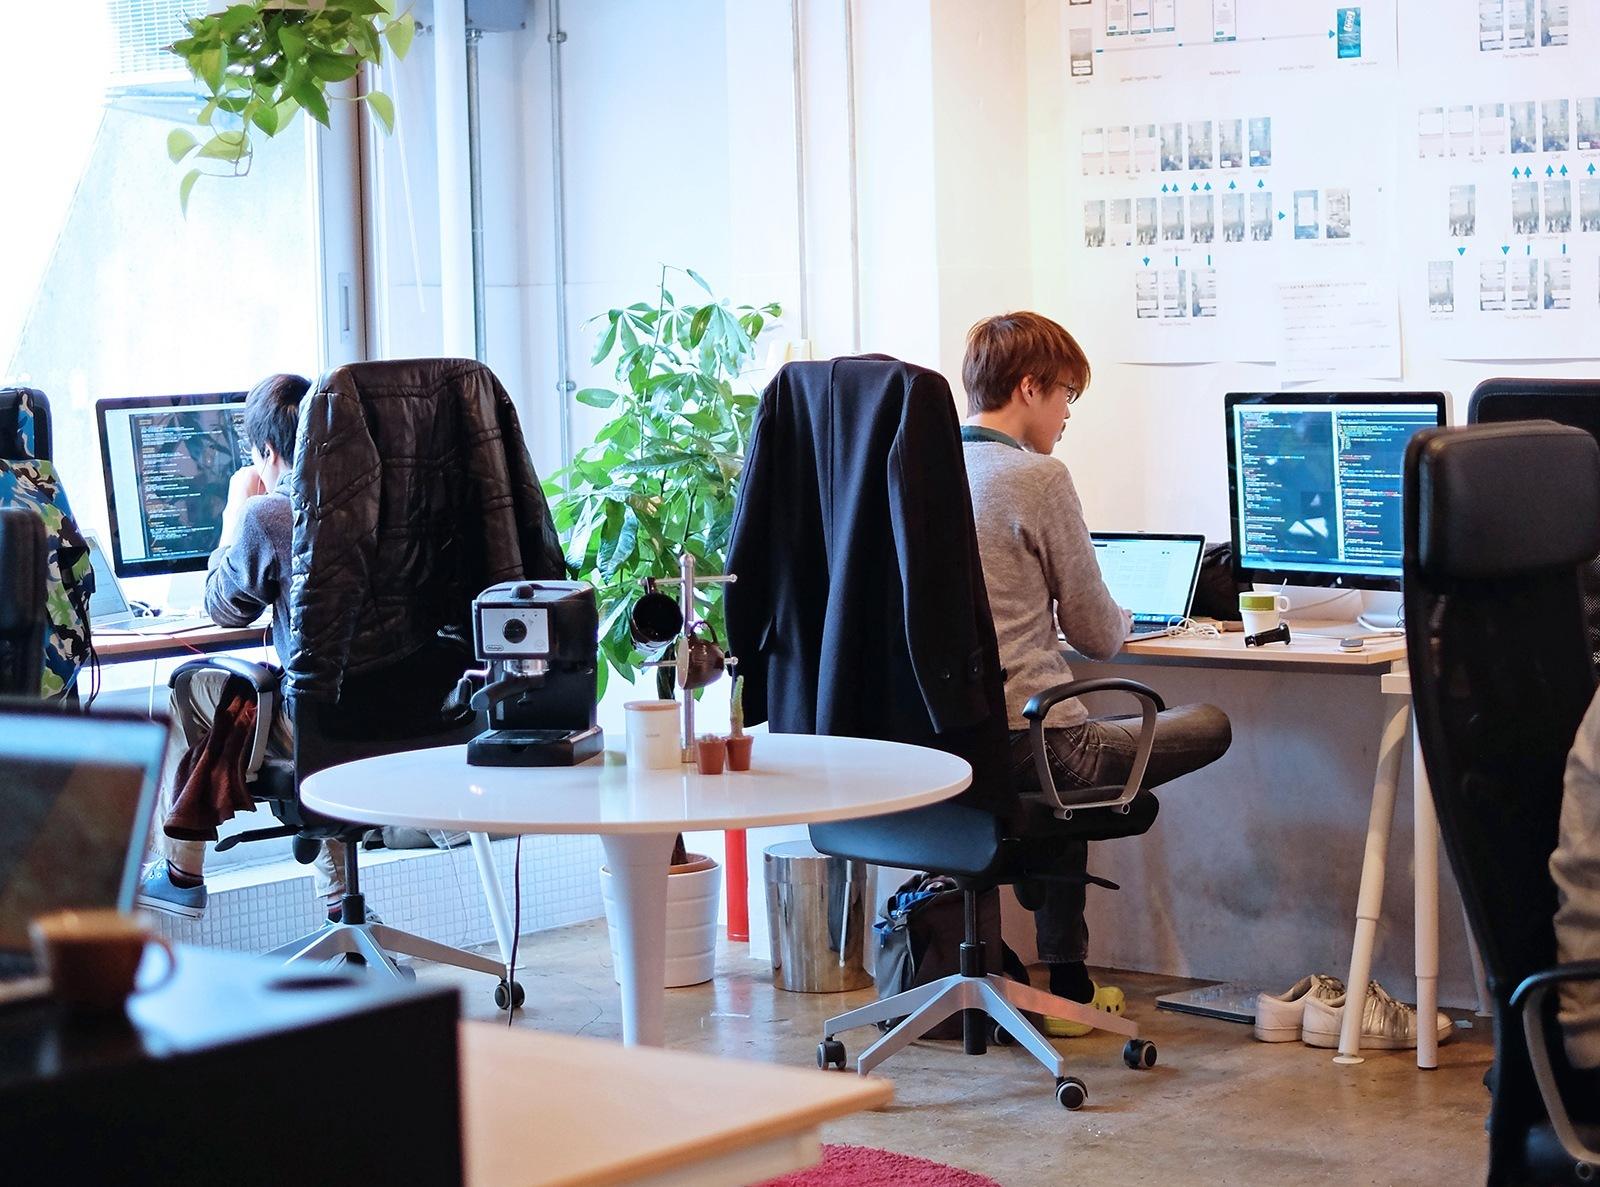 A Look Inside Swingnow's Cool Tokyo Office